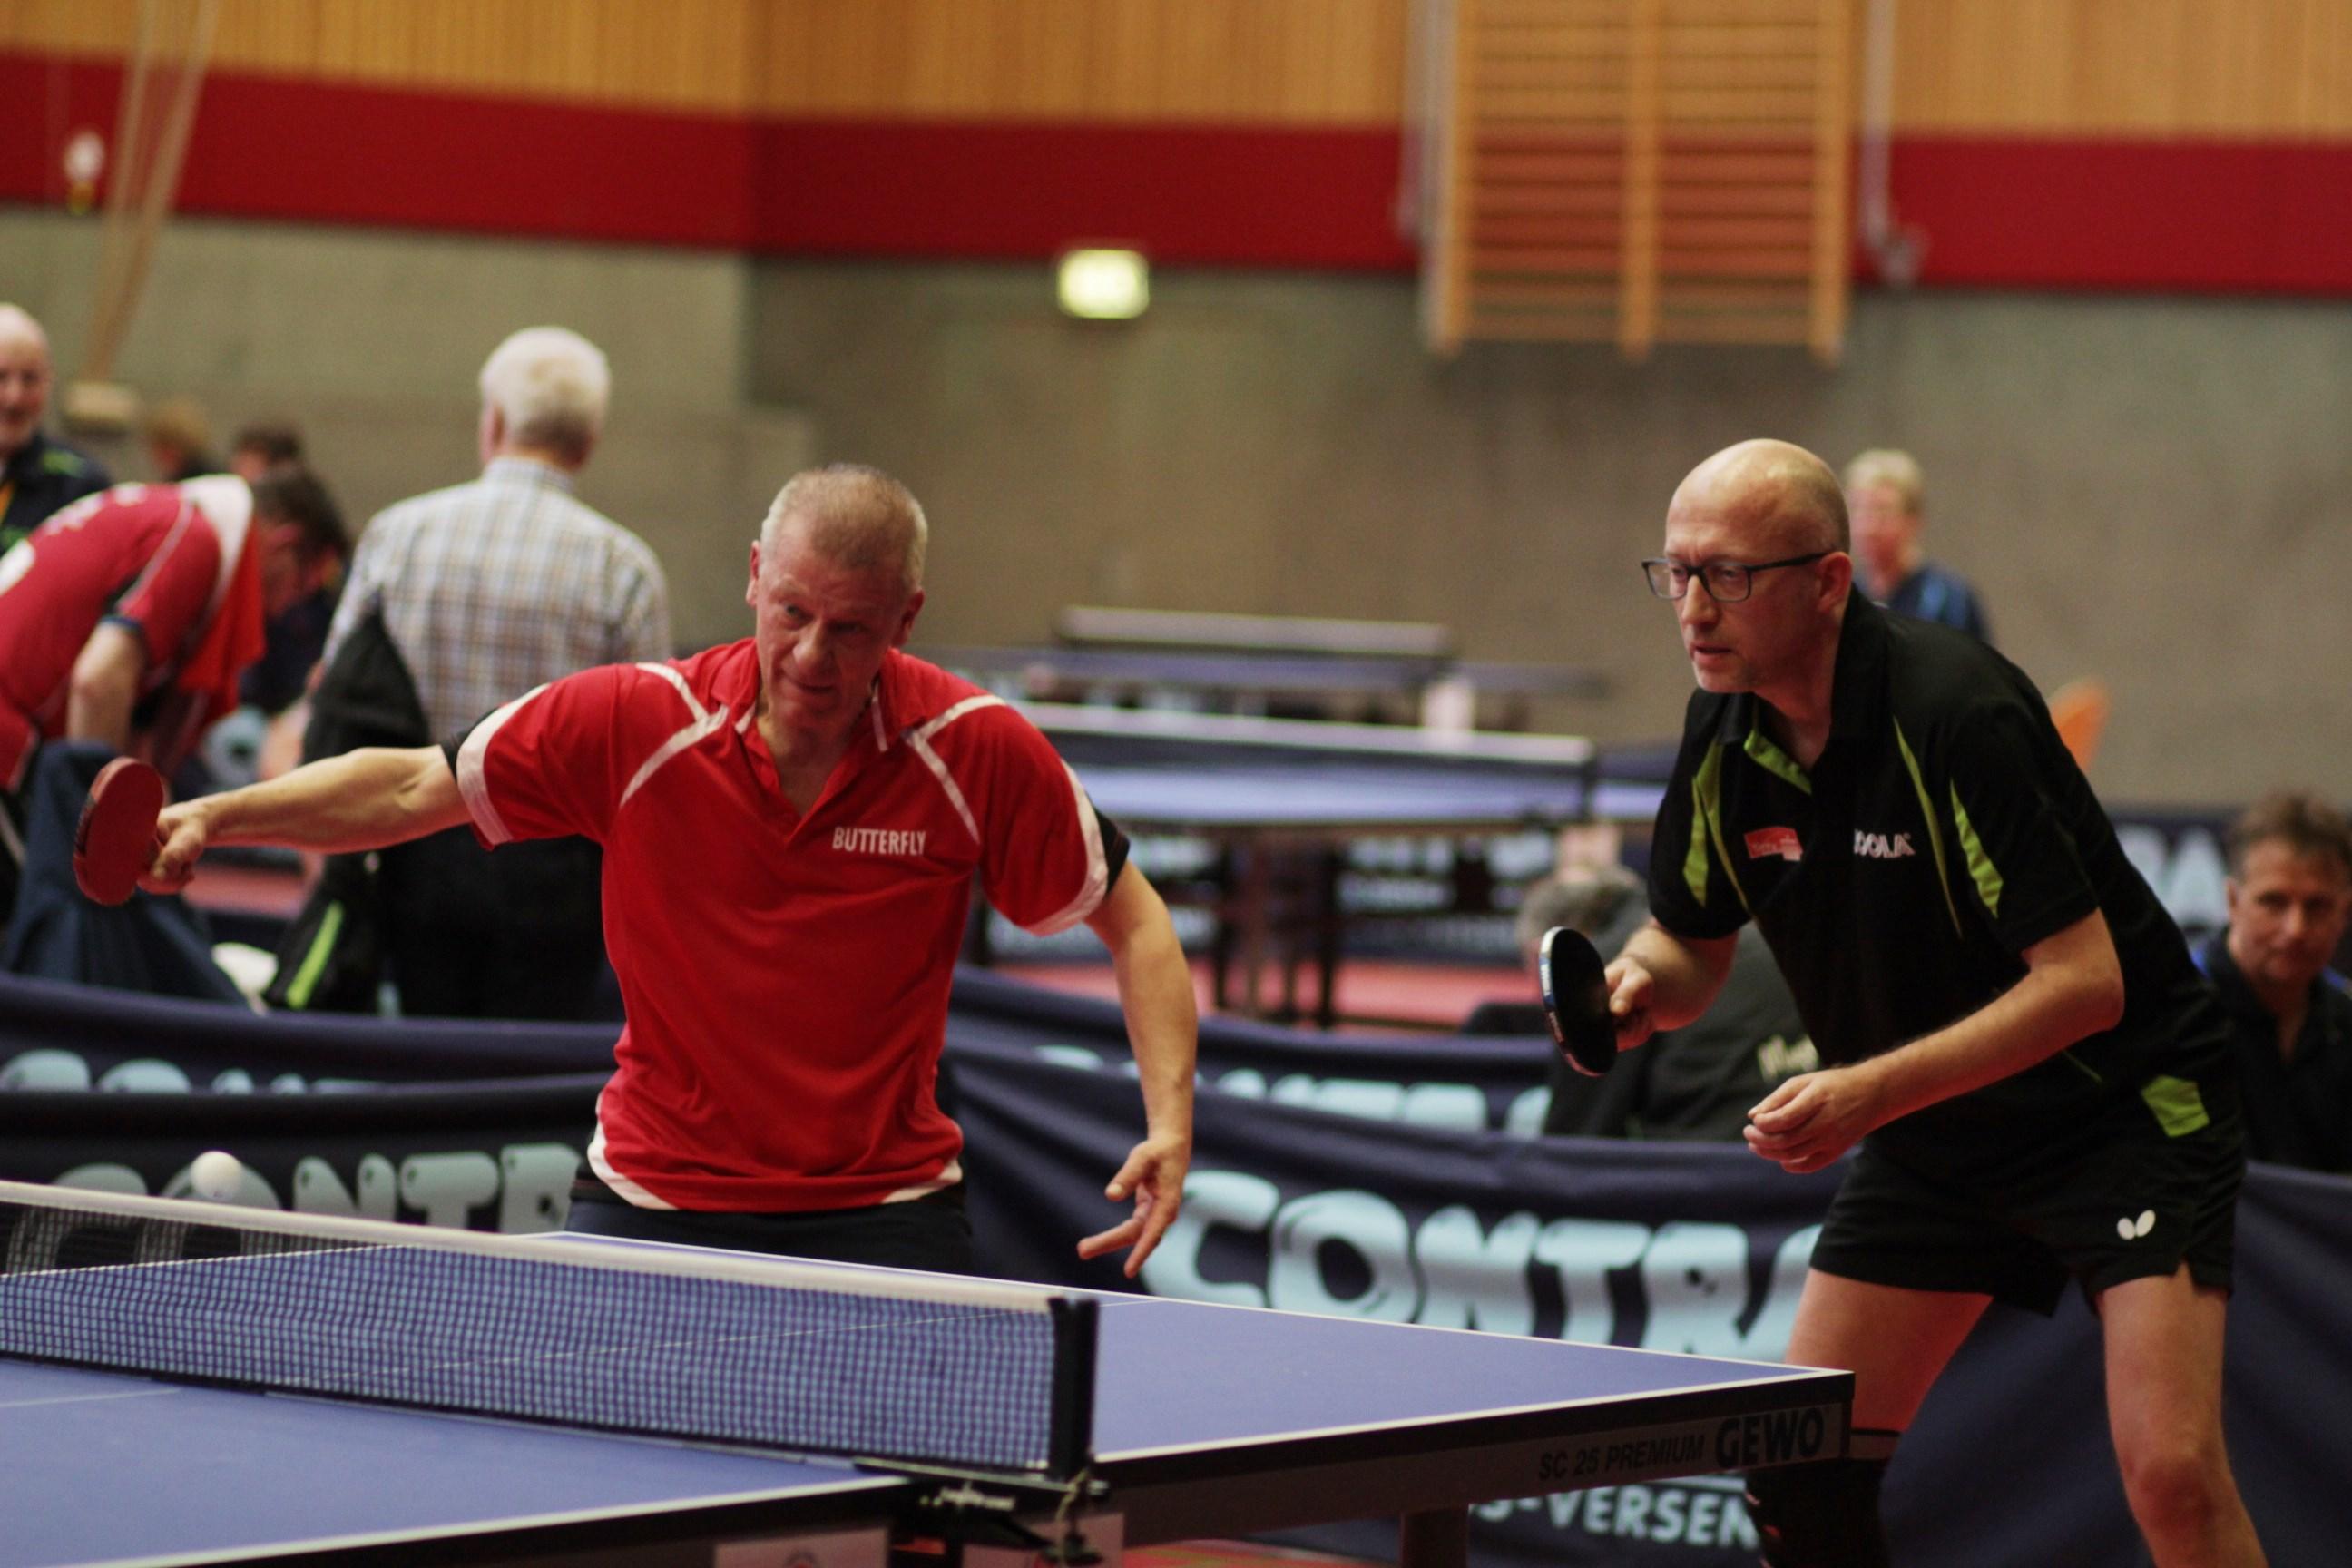 Im Doppel Ü 40 kam Peter (rechts) mit seinem Partner Behr (Mecklenburg Vorpommern) ins Viertelfinale.